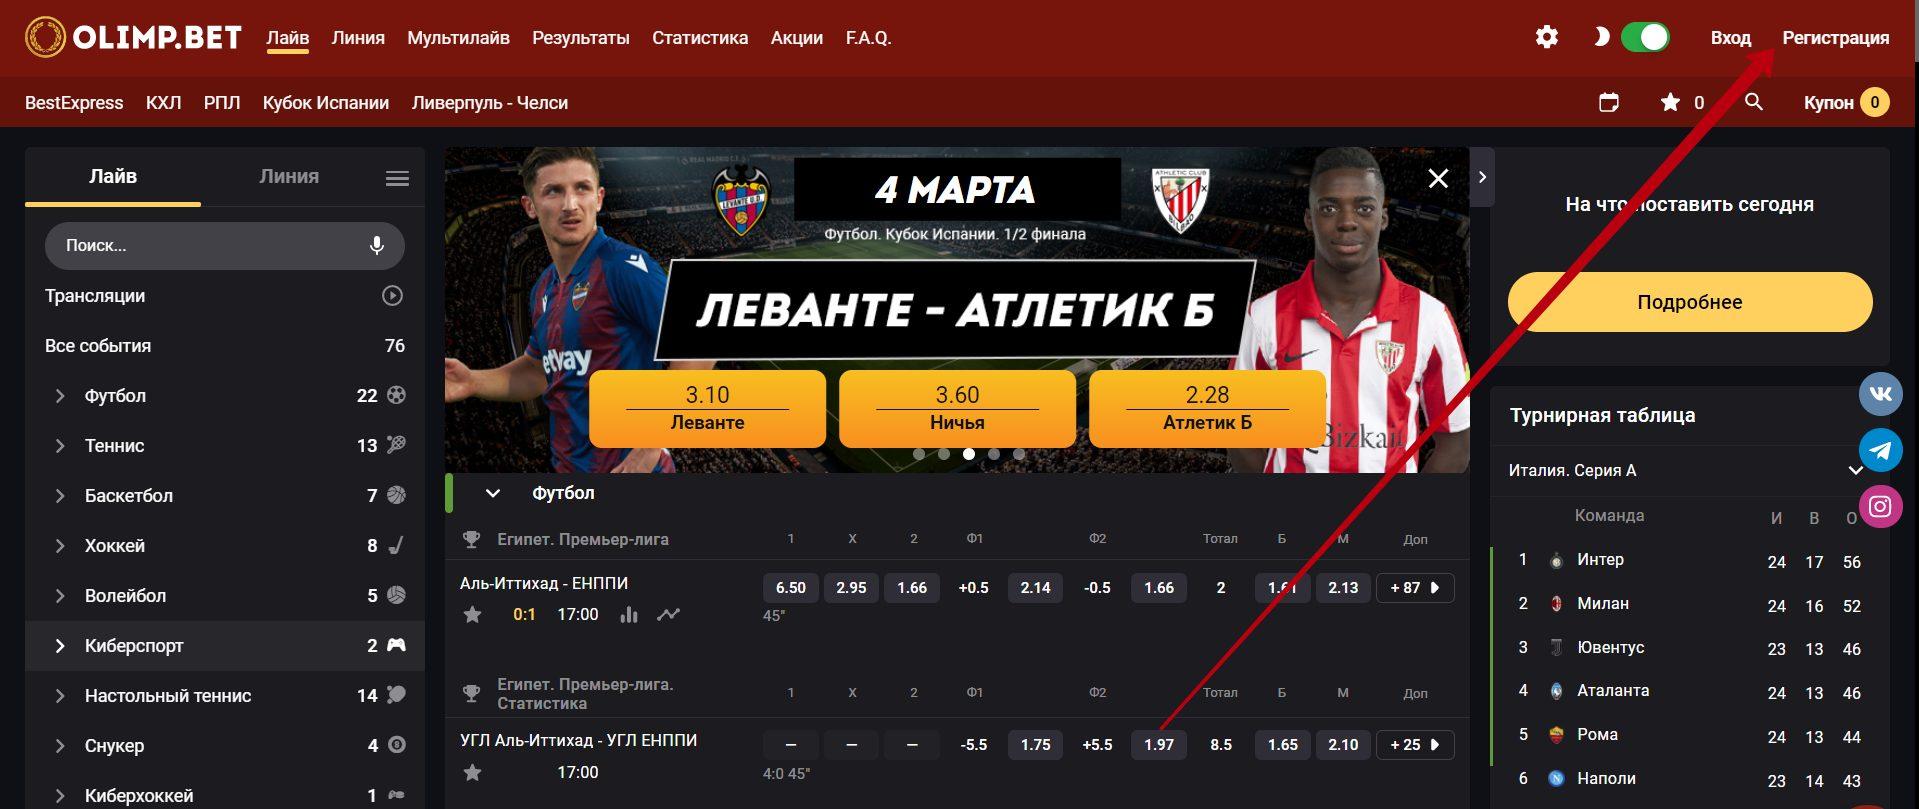 бк олимп регистрация в украине